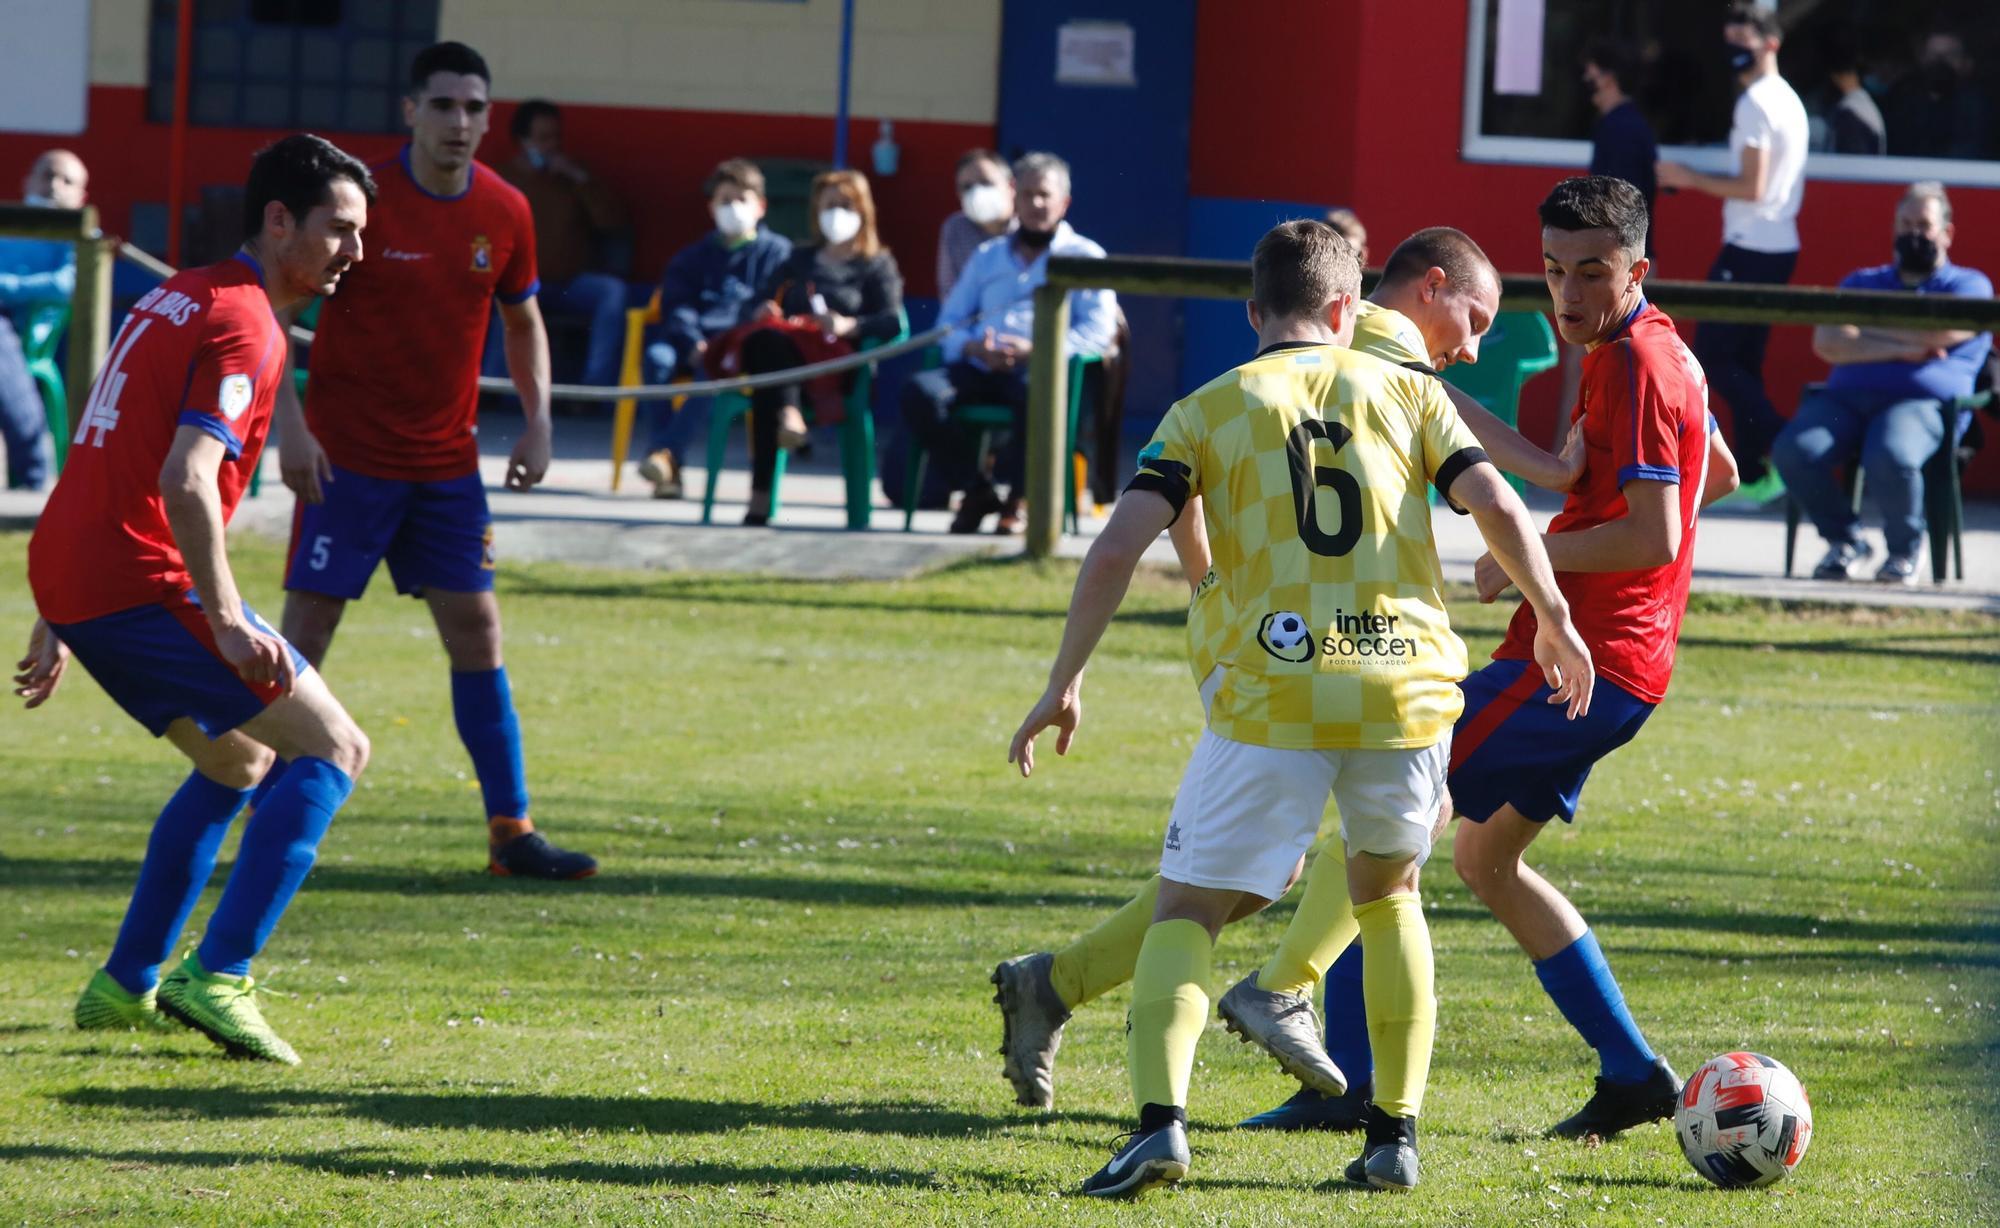 Las mejores imágenes de la jornada en la Tercera División de Asturias